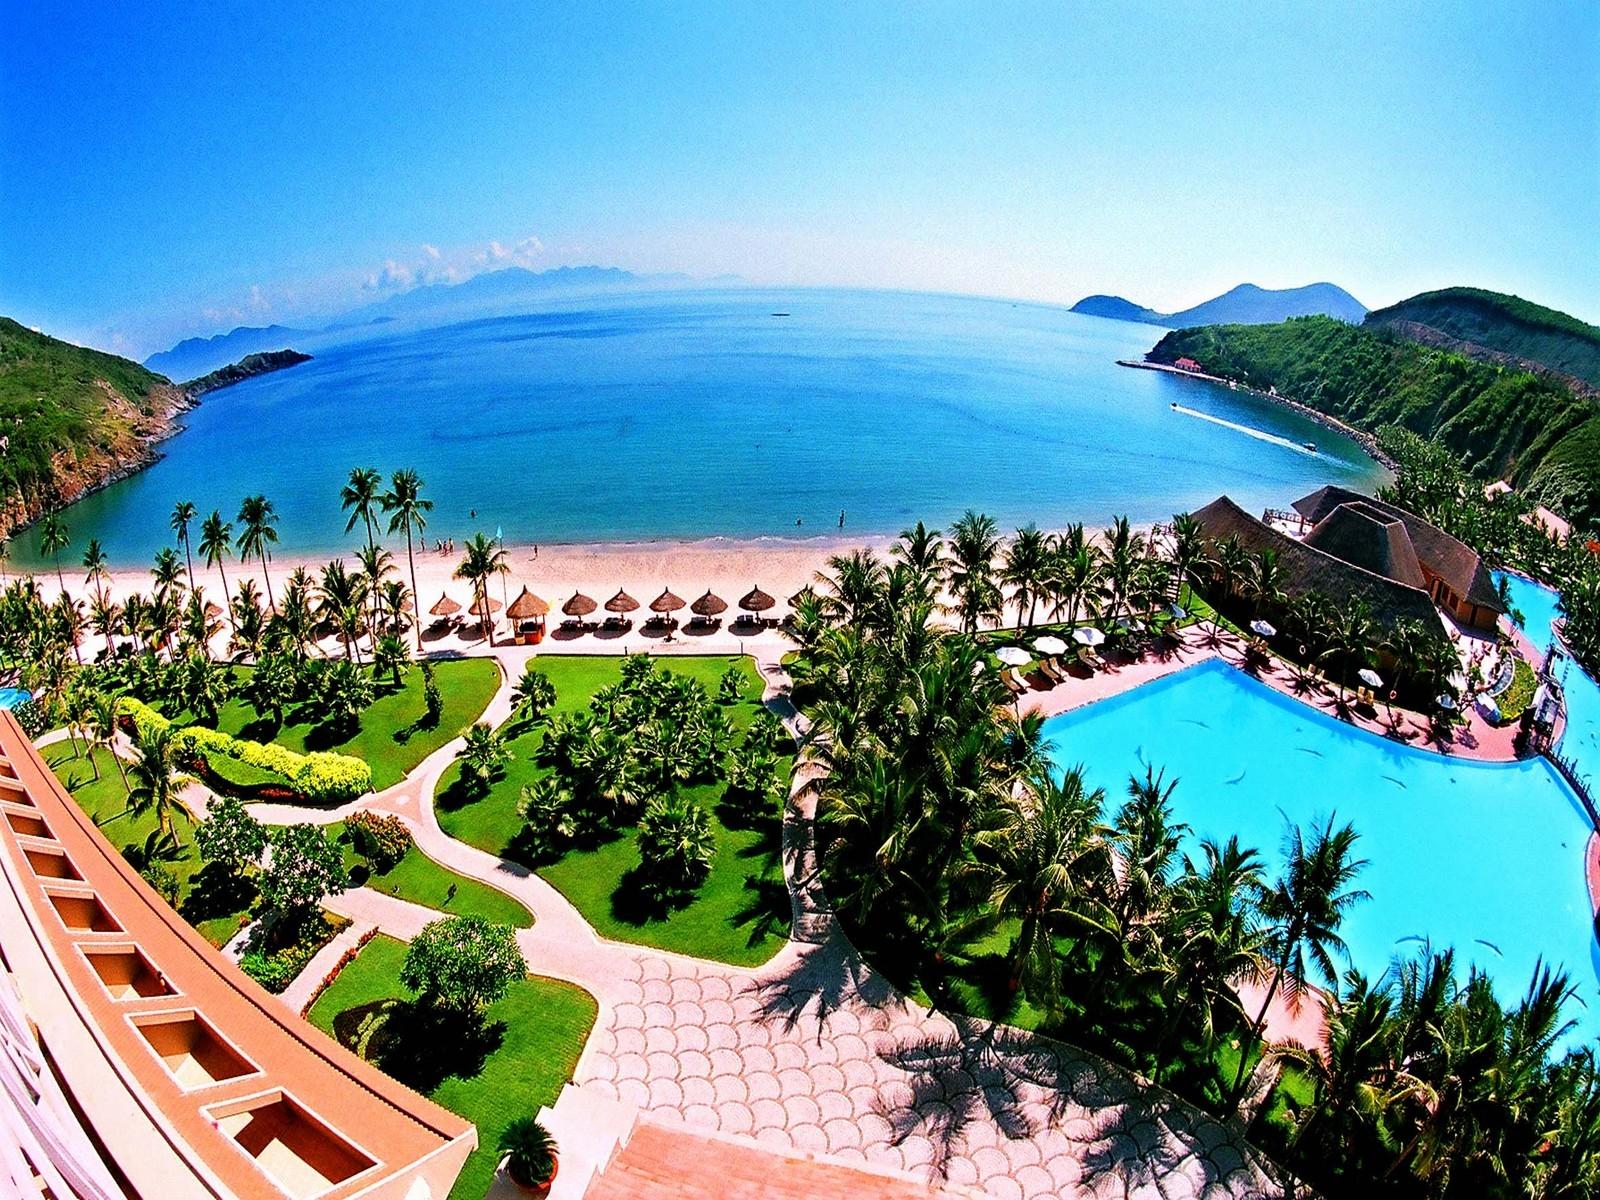 Du lịch Nha Trang thư giãn cuối năm với các resort đẳng cấp thế giới